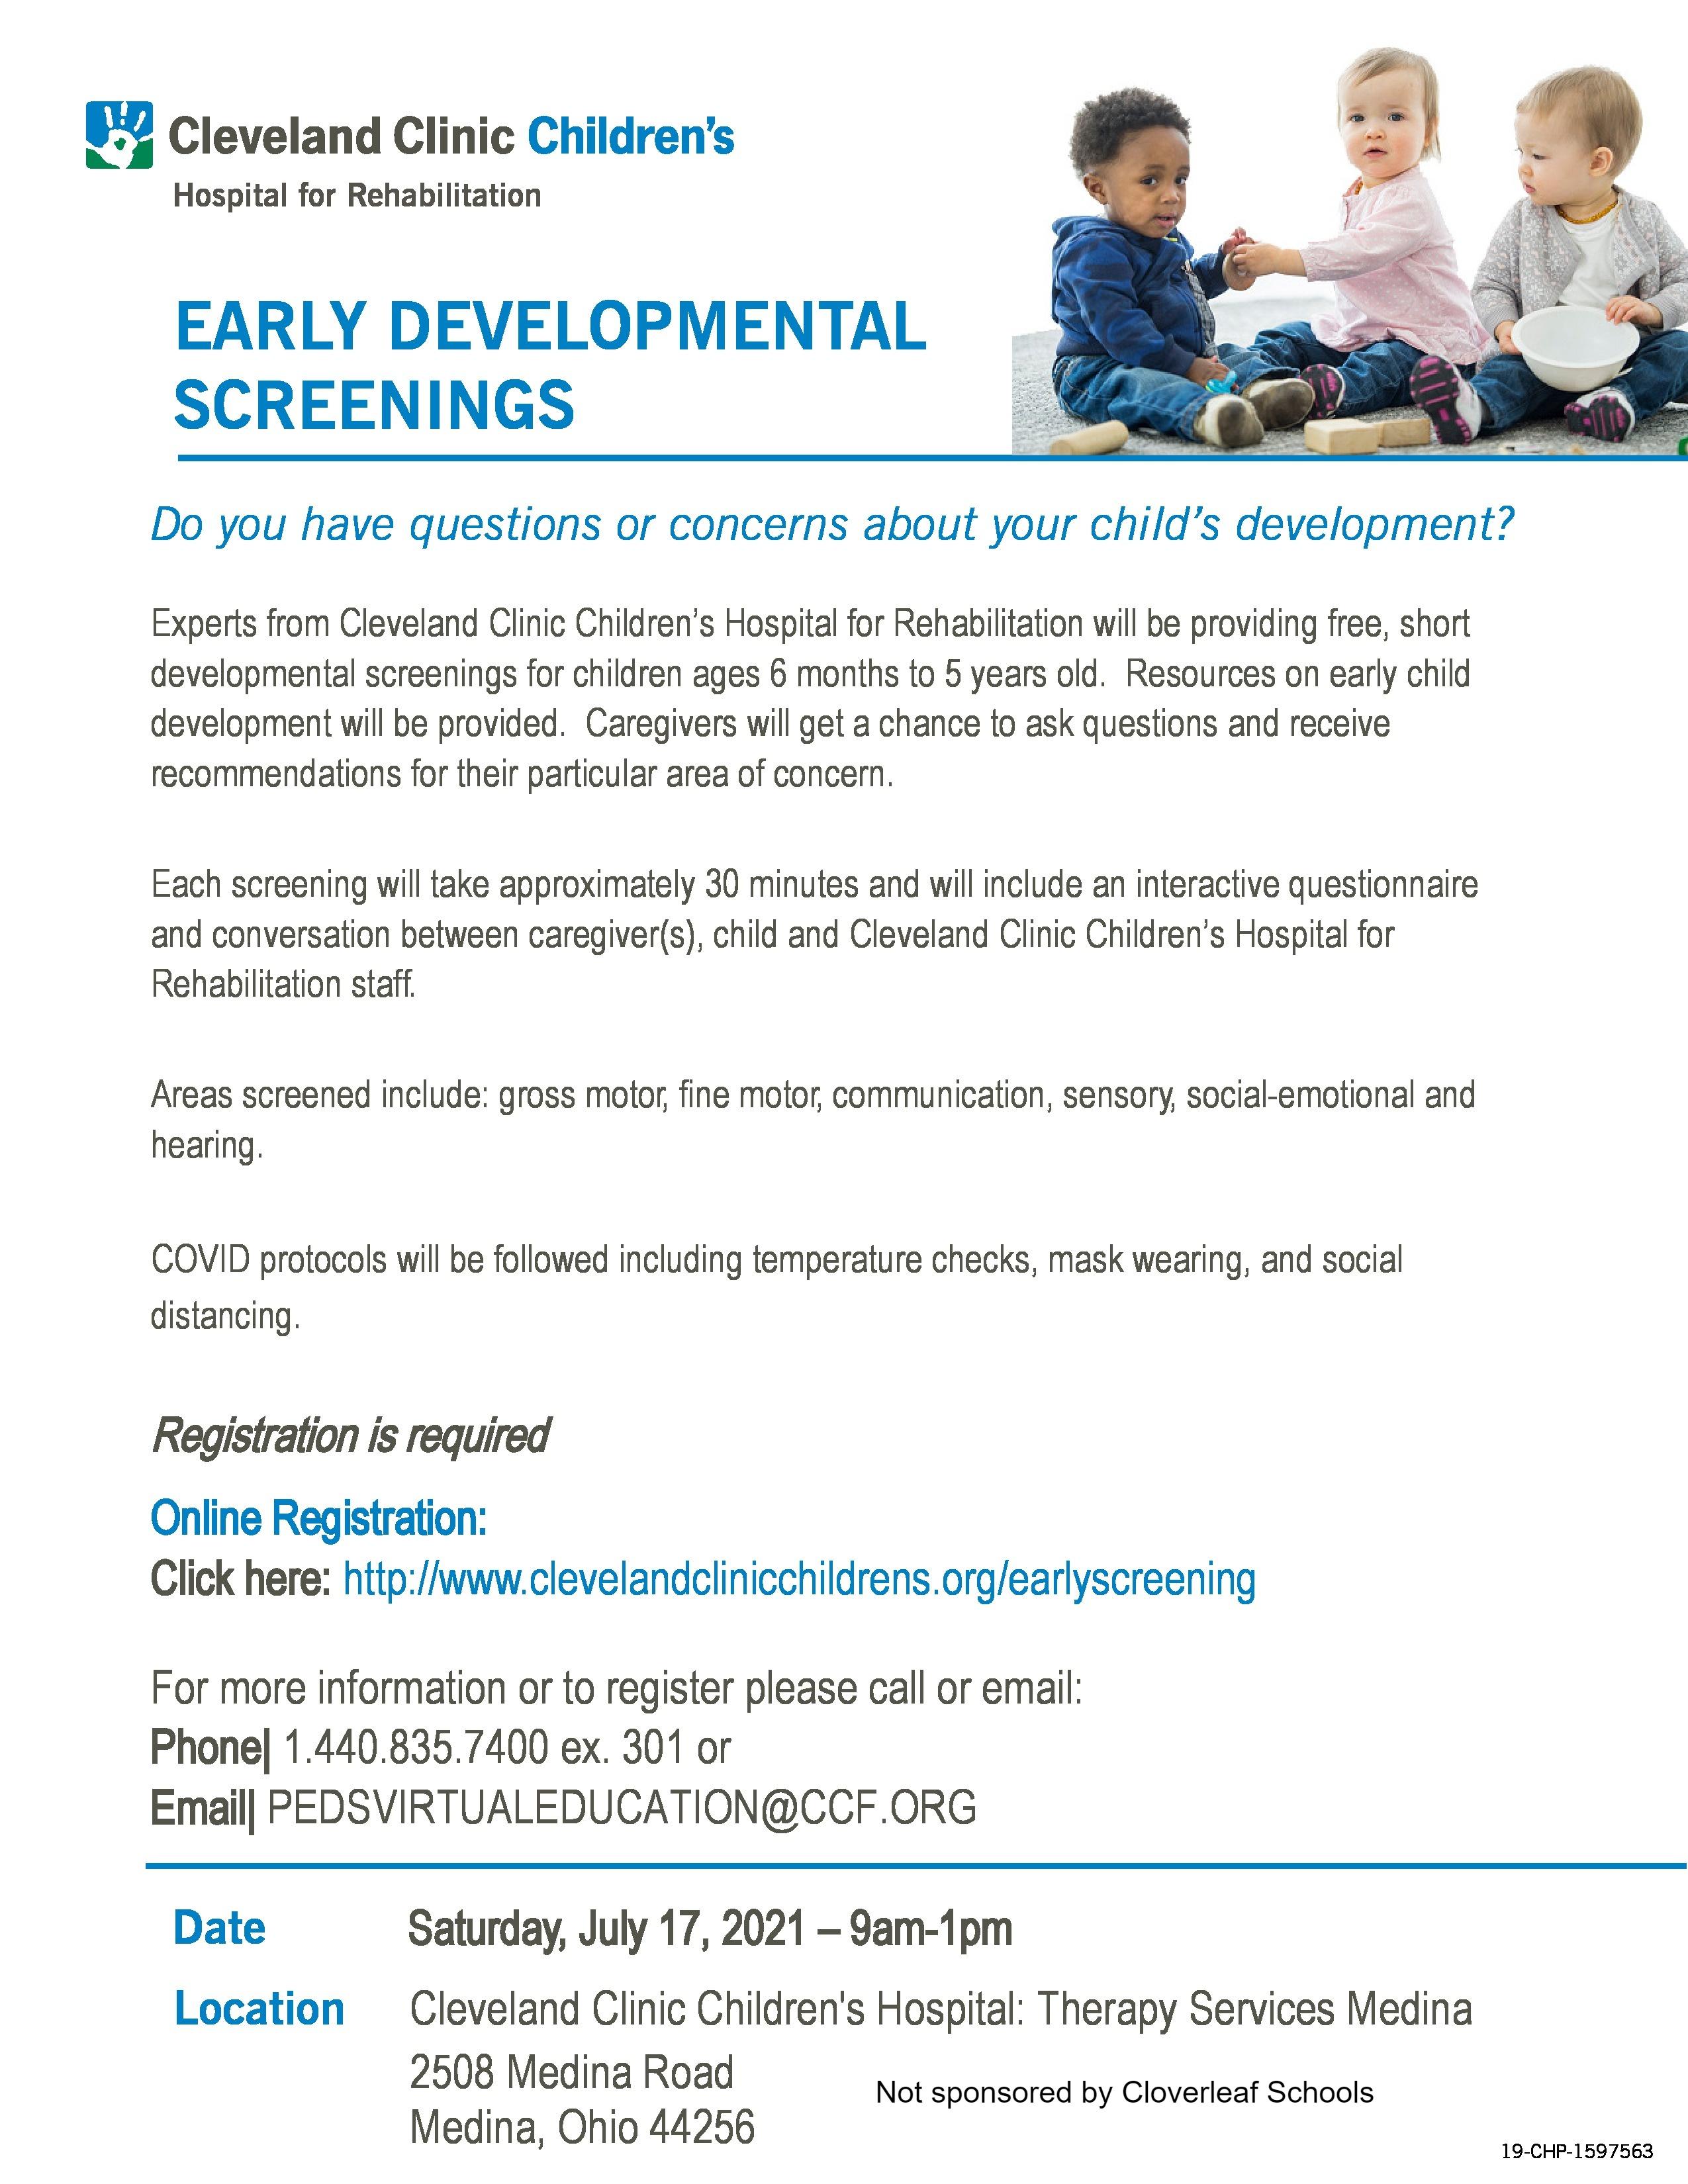 Cleveland Clinic early developmental screenings